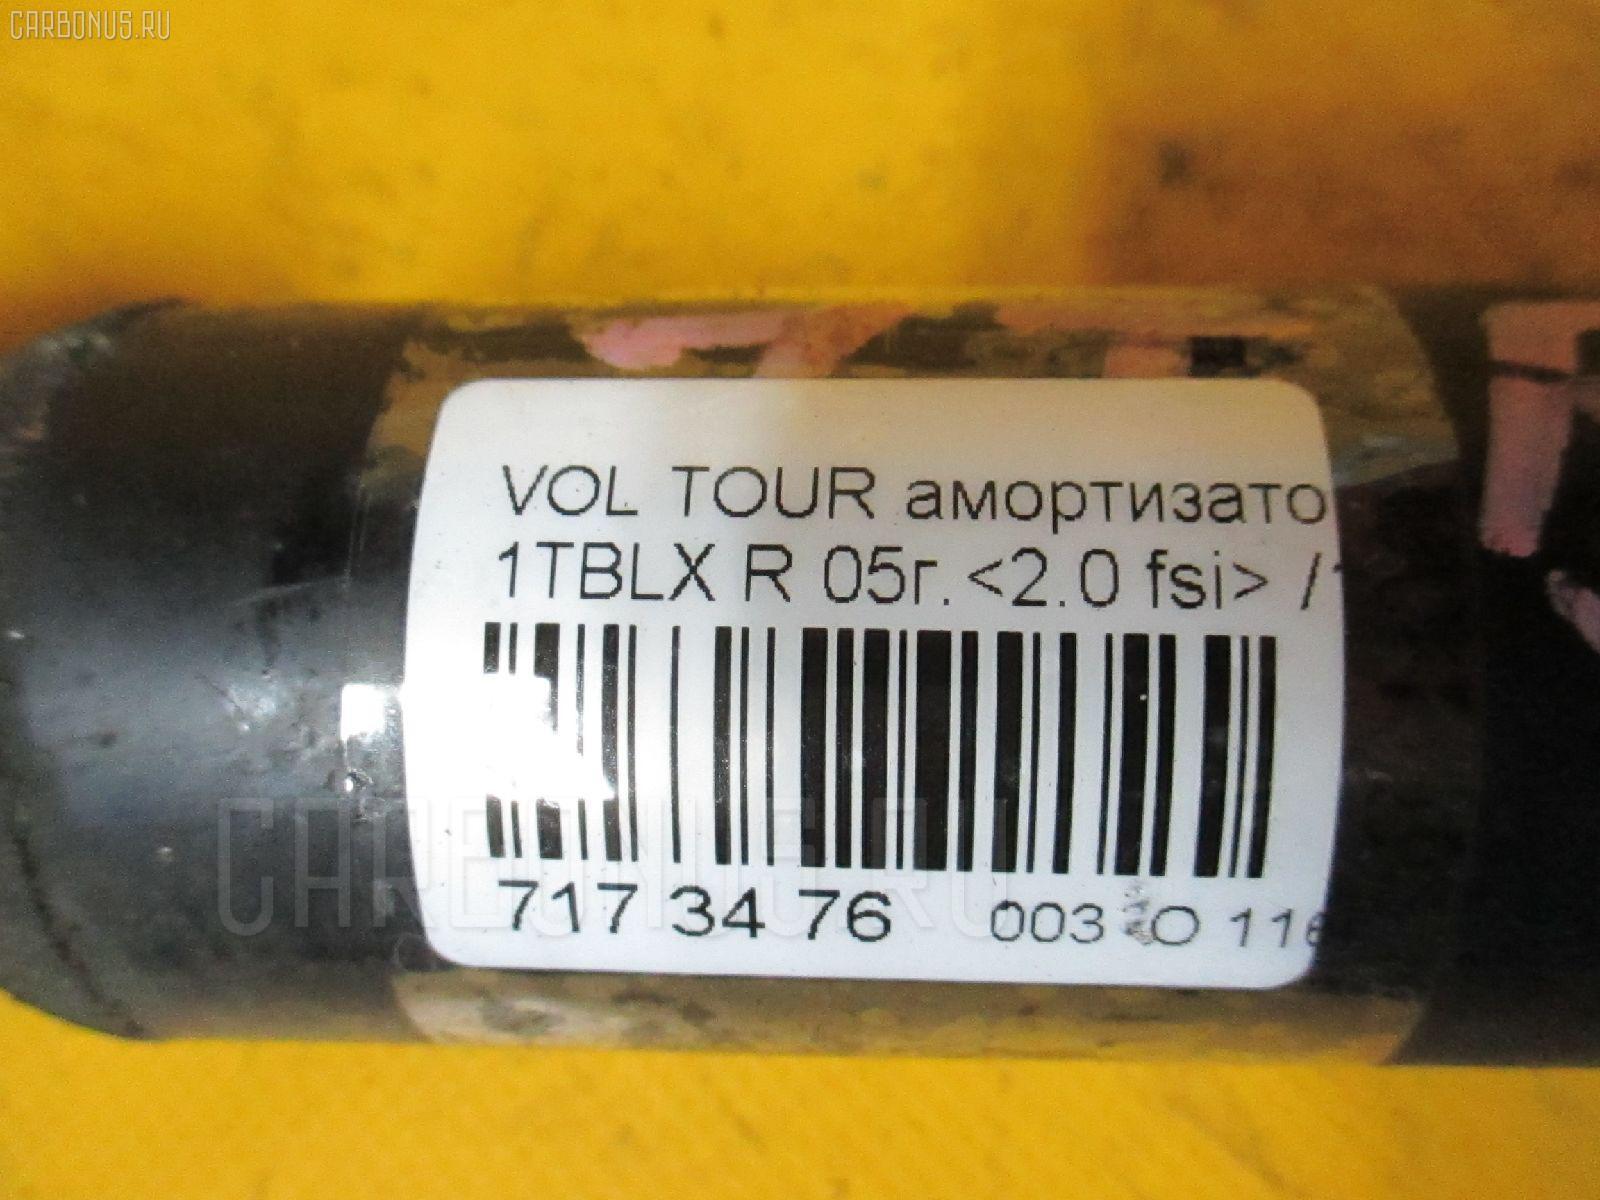 Амортизатор VOLKSWAGEN TOURAN 1TBLX Фото 2